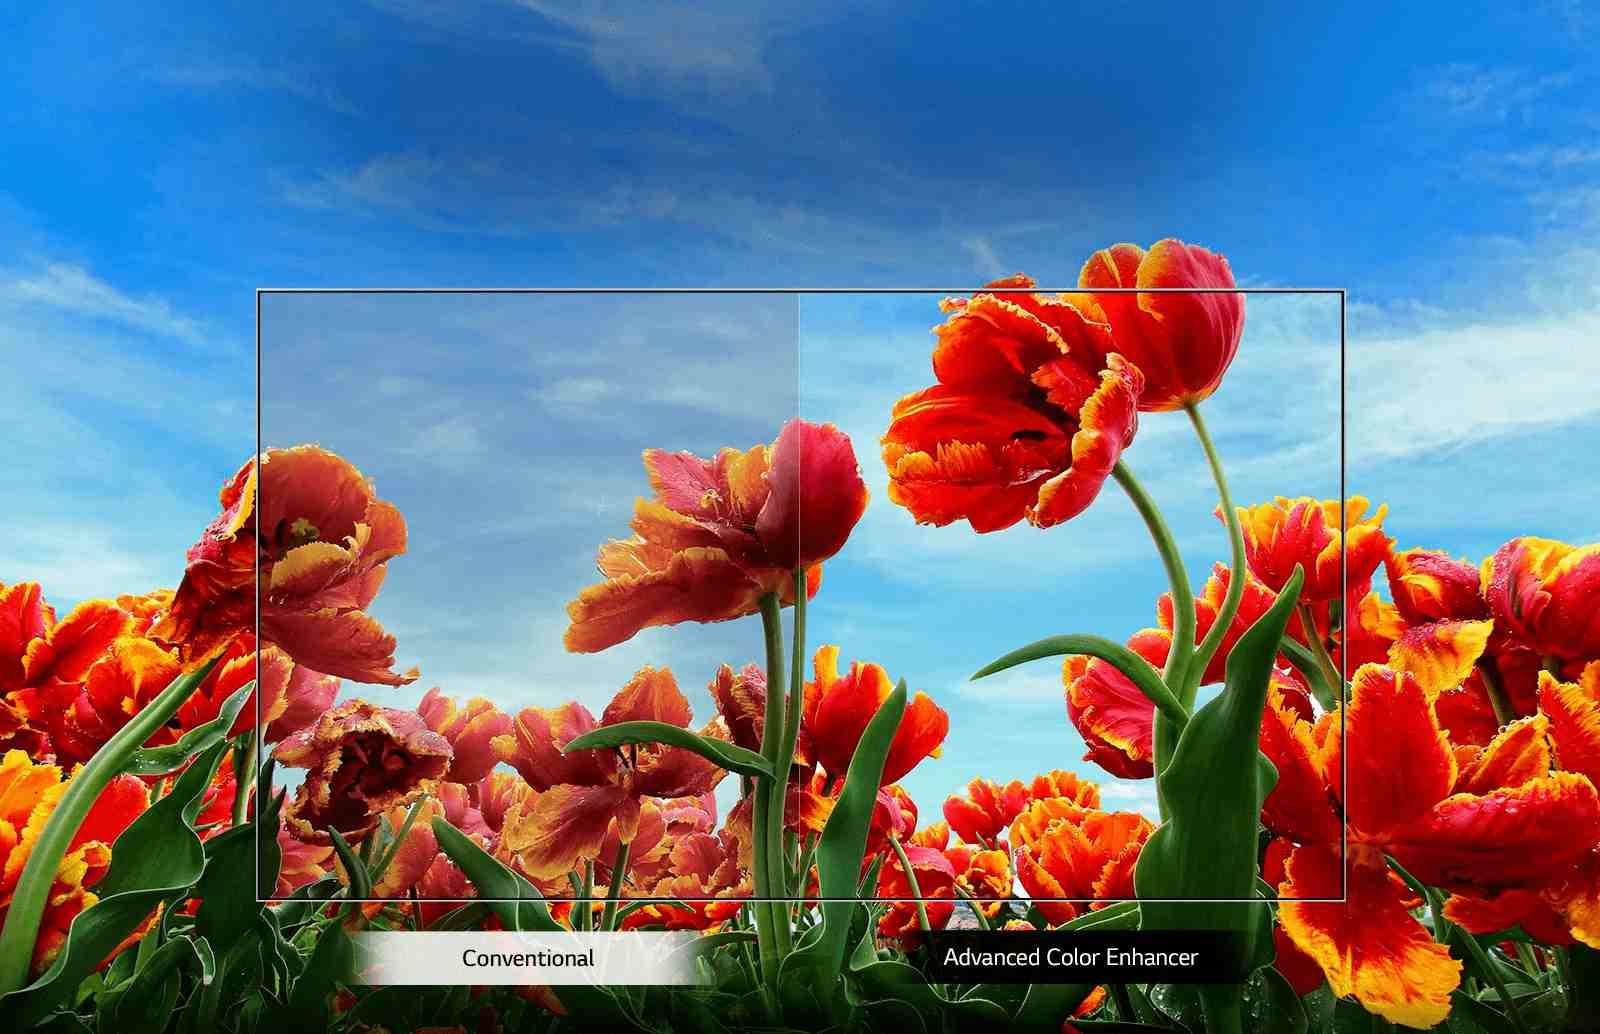 LG Smart LED TV dynamic color